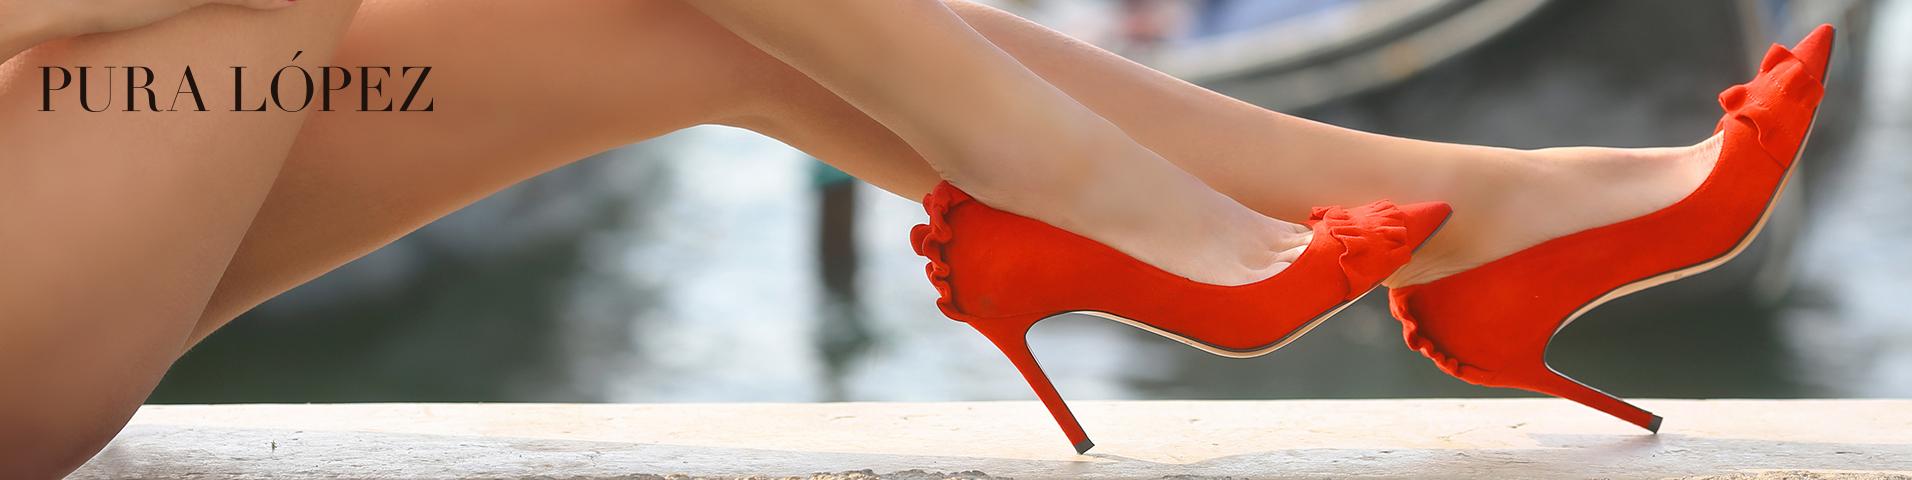 0ef13369452 Zapatos de salón de Pura Lopez